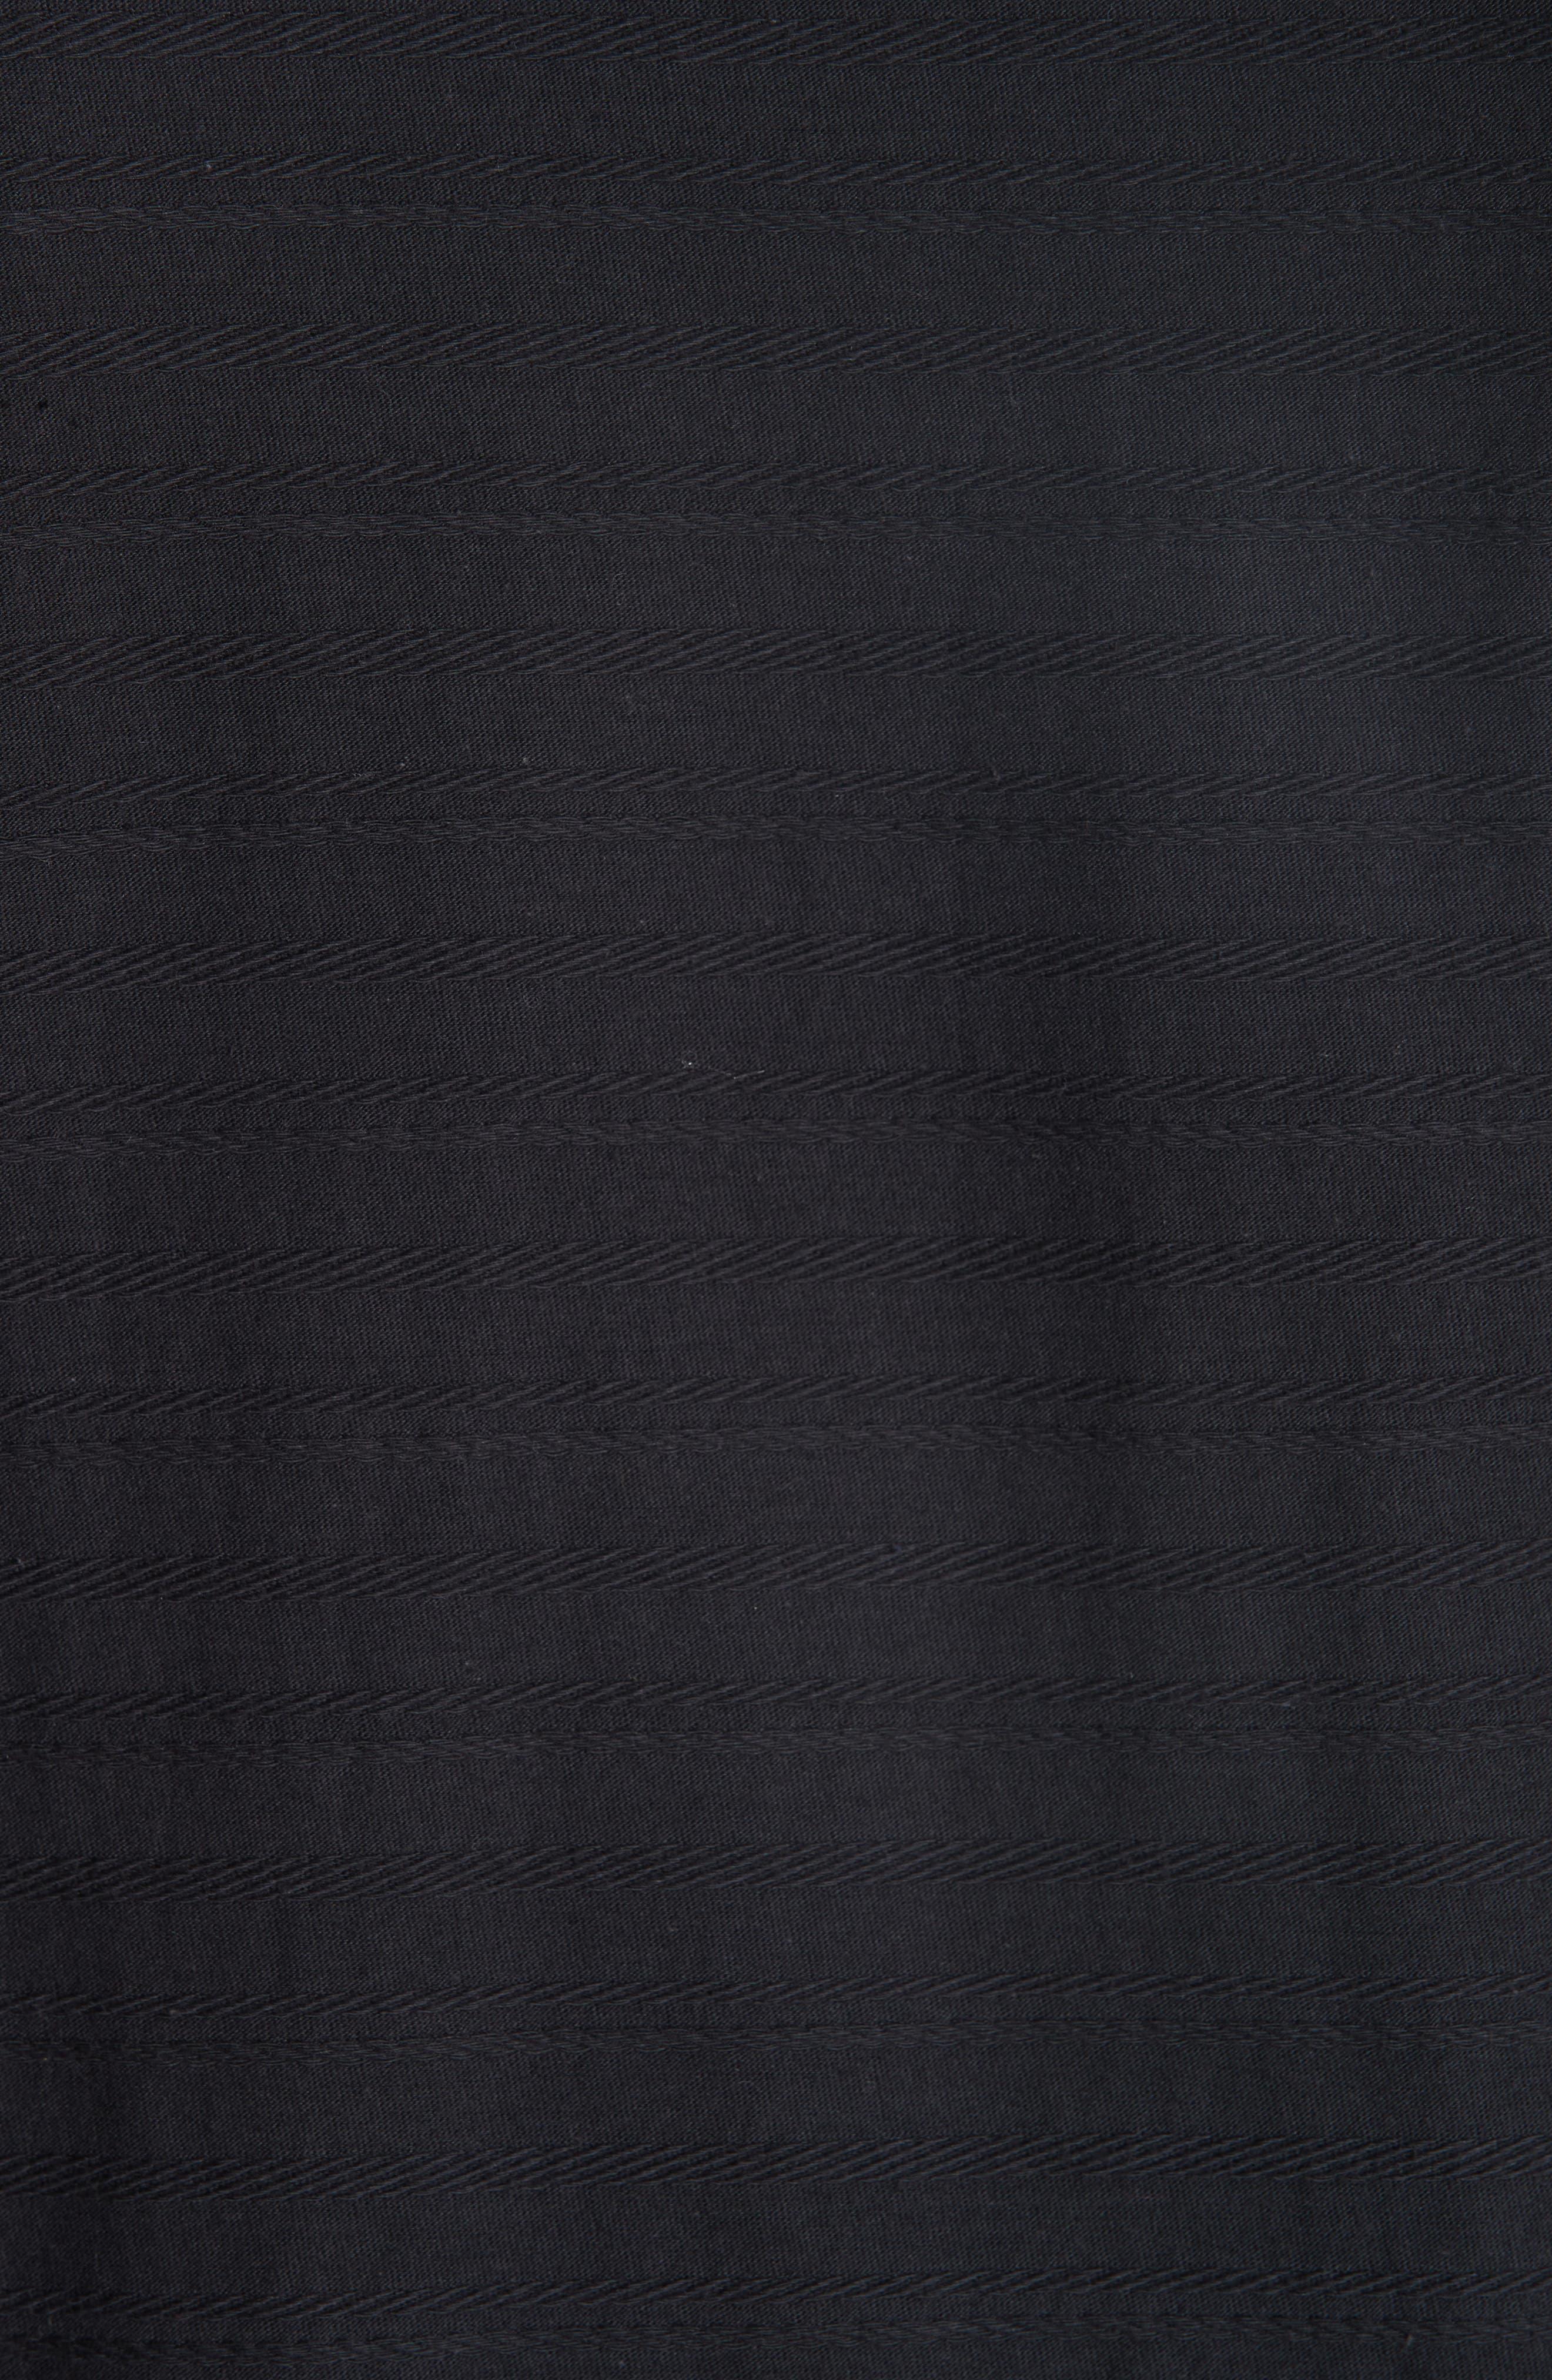 Jacquard Stripe Long Sleeve T-Shirt,                             Alternate thumbnail 5, color,                             062